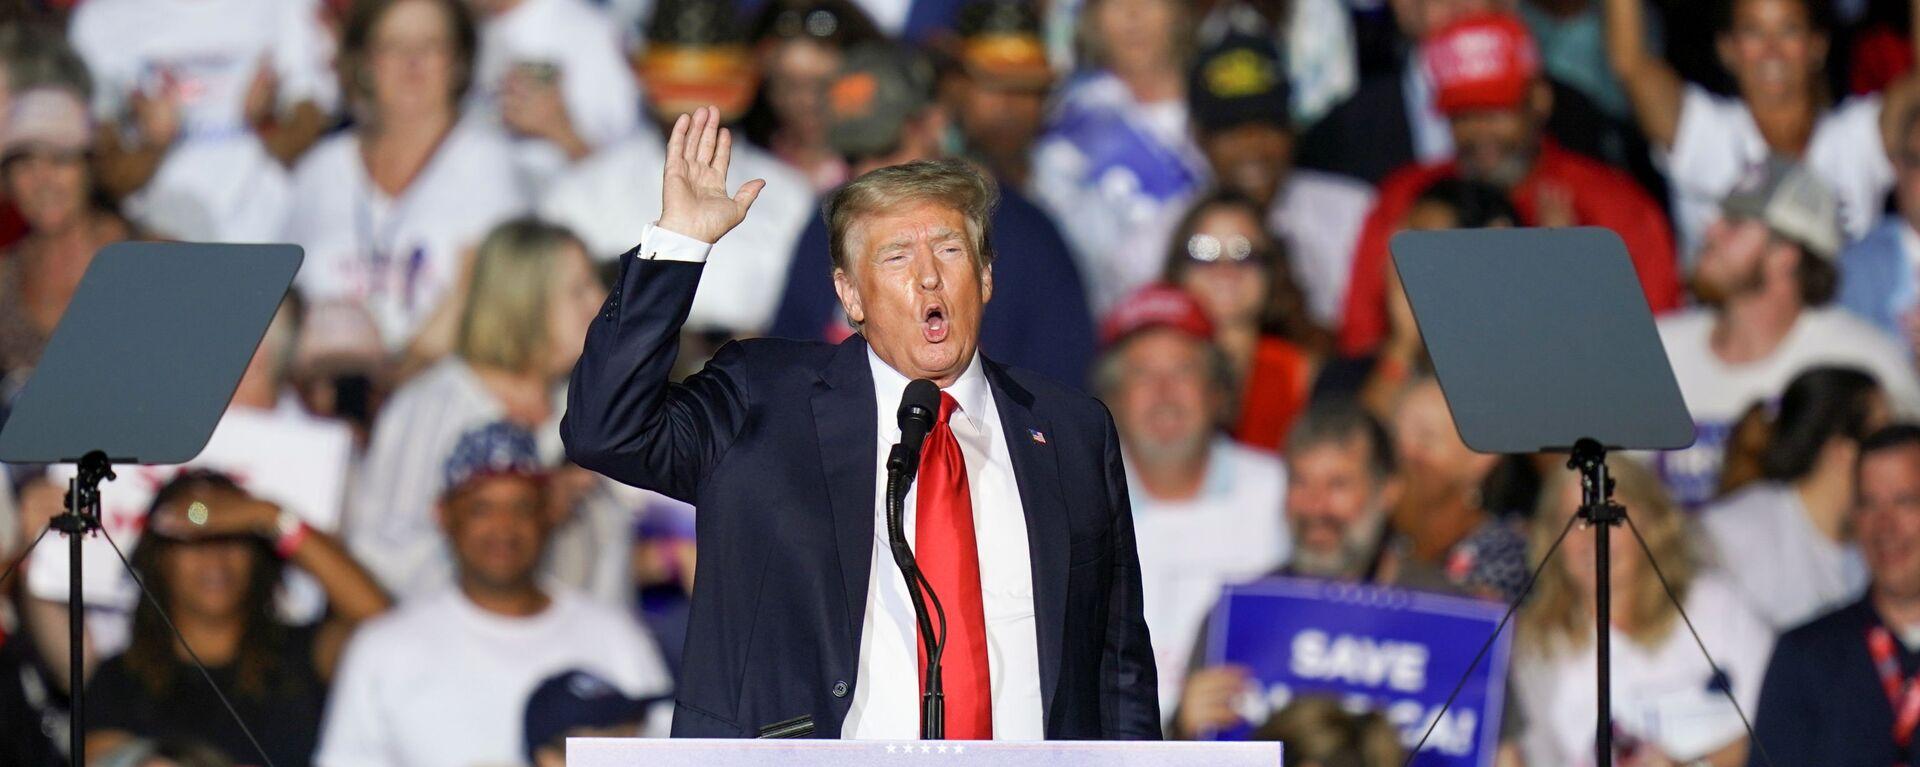 Cựu Tổng thống Hoa Kỳ Donald Trump tại cuộc mít tinh ở bang Alabama - Sputnik Việt Nam, 1920, 31.08.2021